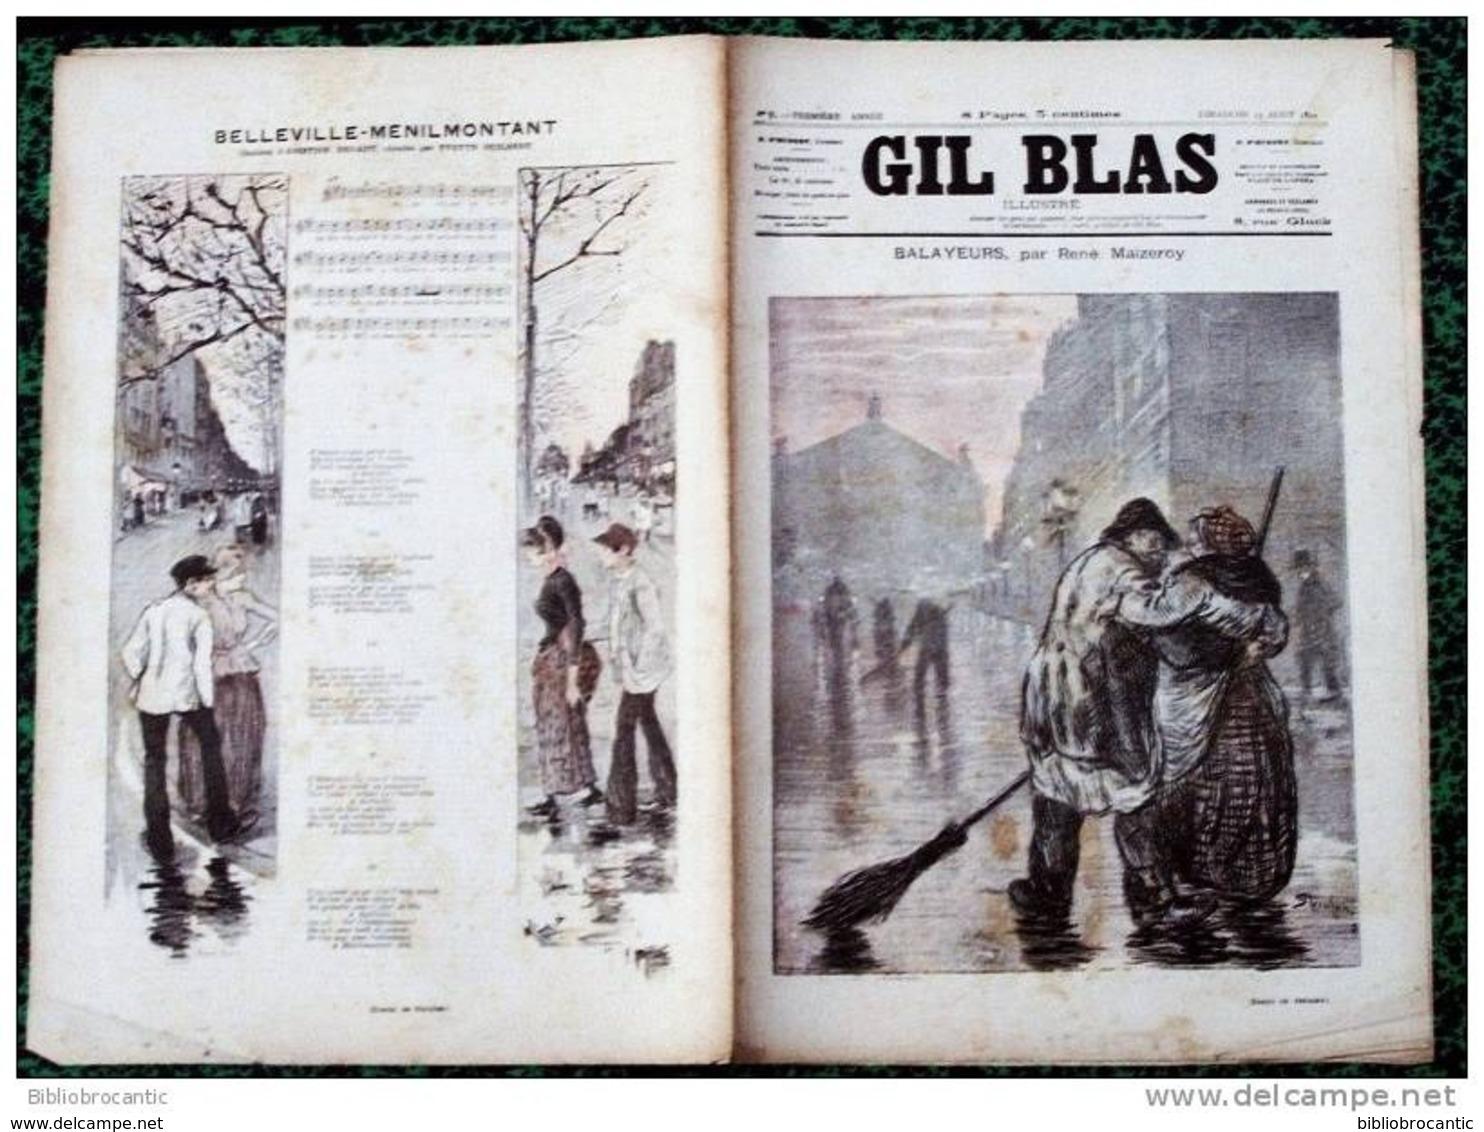 *GIL BLAS Illustré* N°9-23/08/1891 -BALAYEURS P/MAIZEROY +CHANS.BELLEVILLE-MENILMONTANT /A. BRUANT - Books, Magazines, Comics